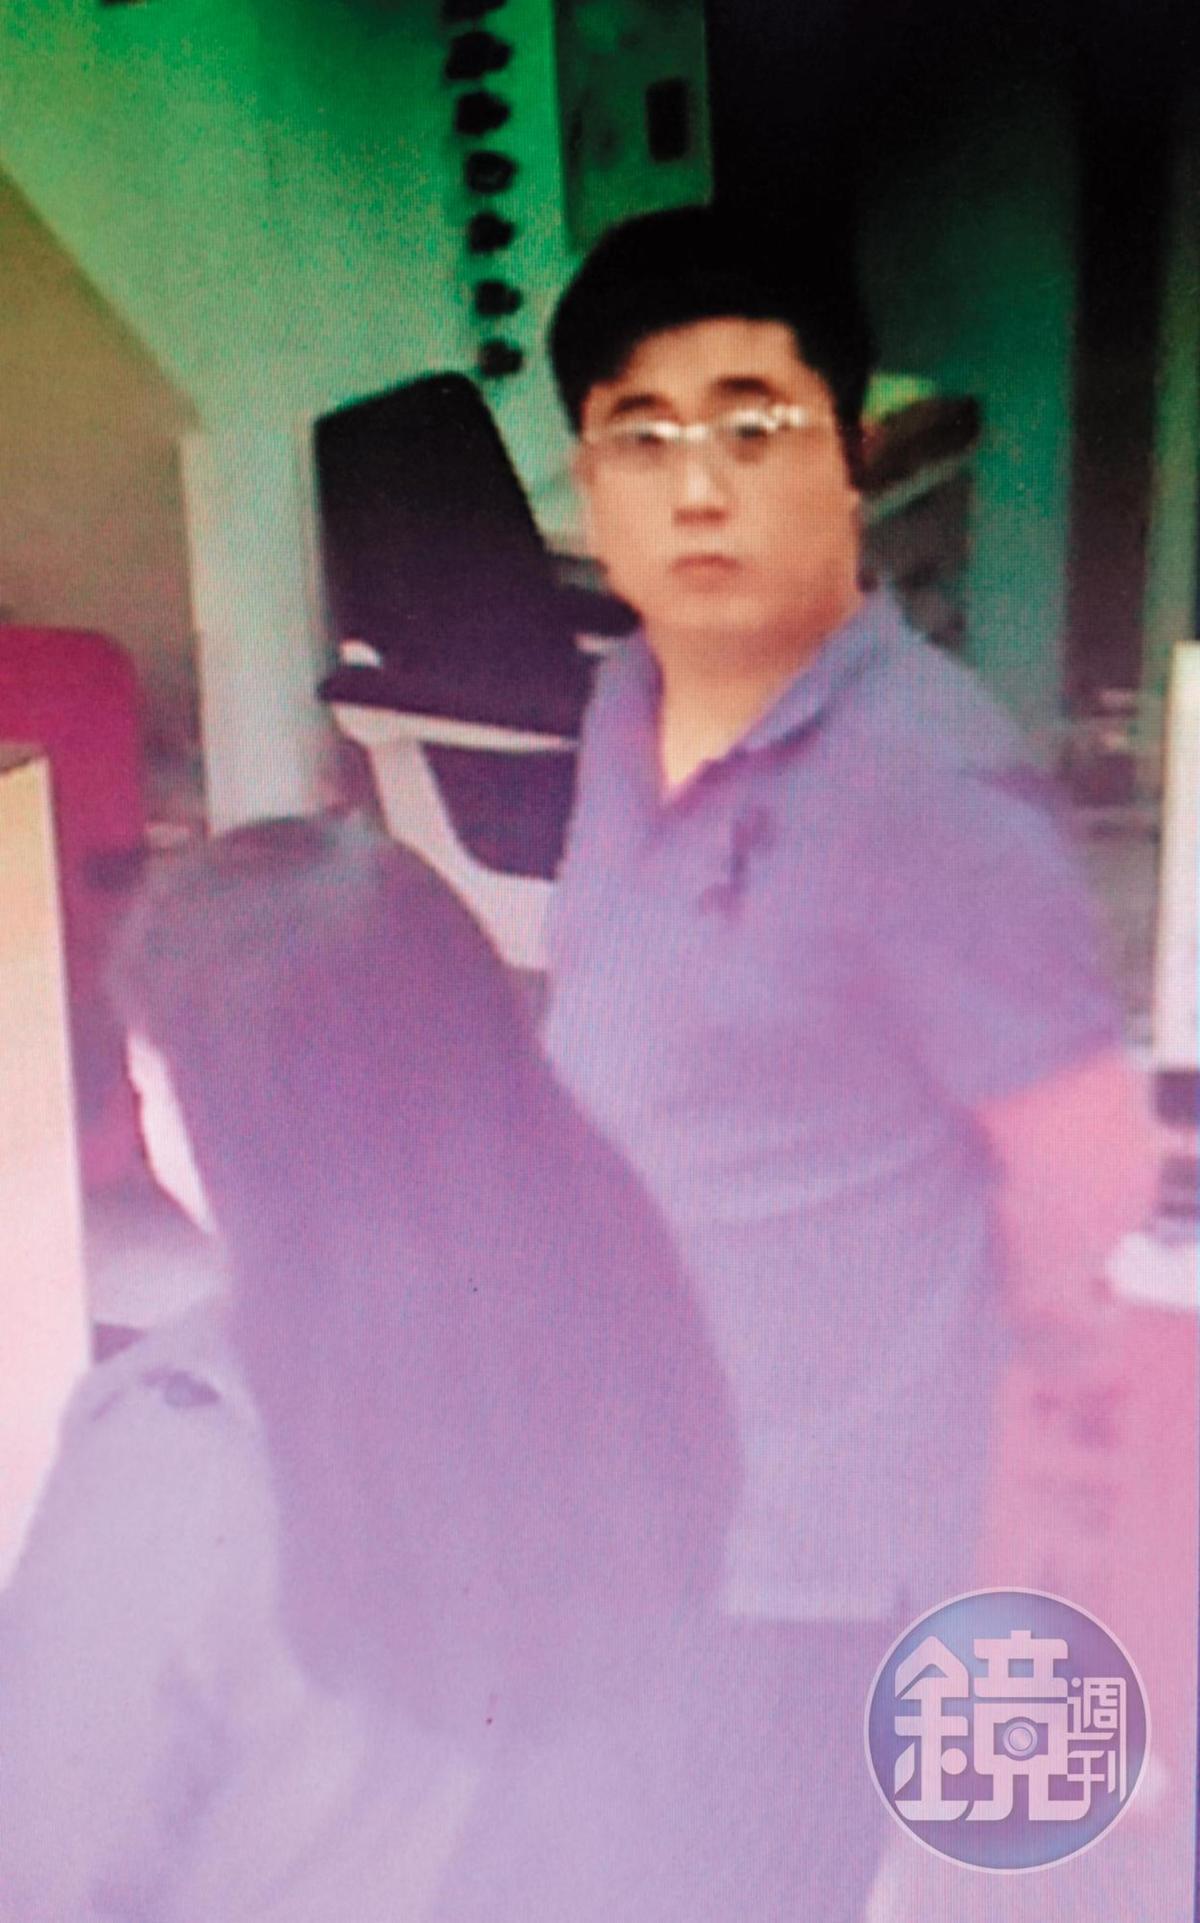 穿著藍色POLO衫的陳紹銘(右)佯裝業務,向眼鏡行推銷鏡框時左顧右盼,刻意避開監視器。(翻攝畫面)